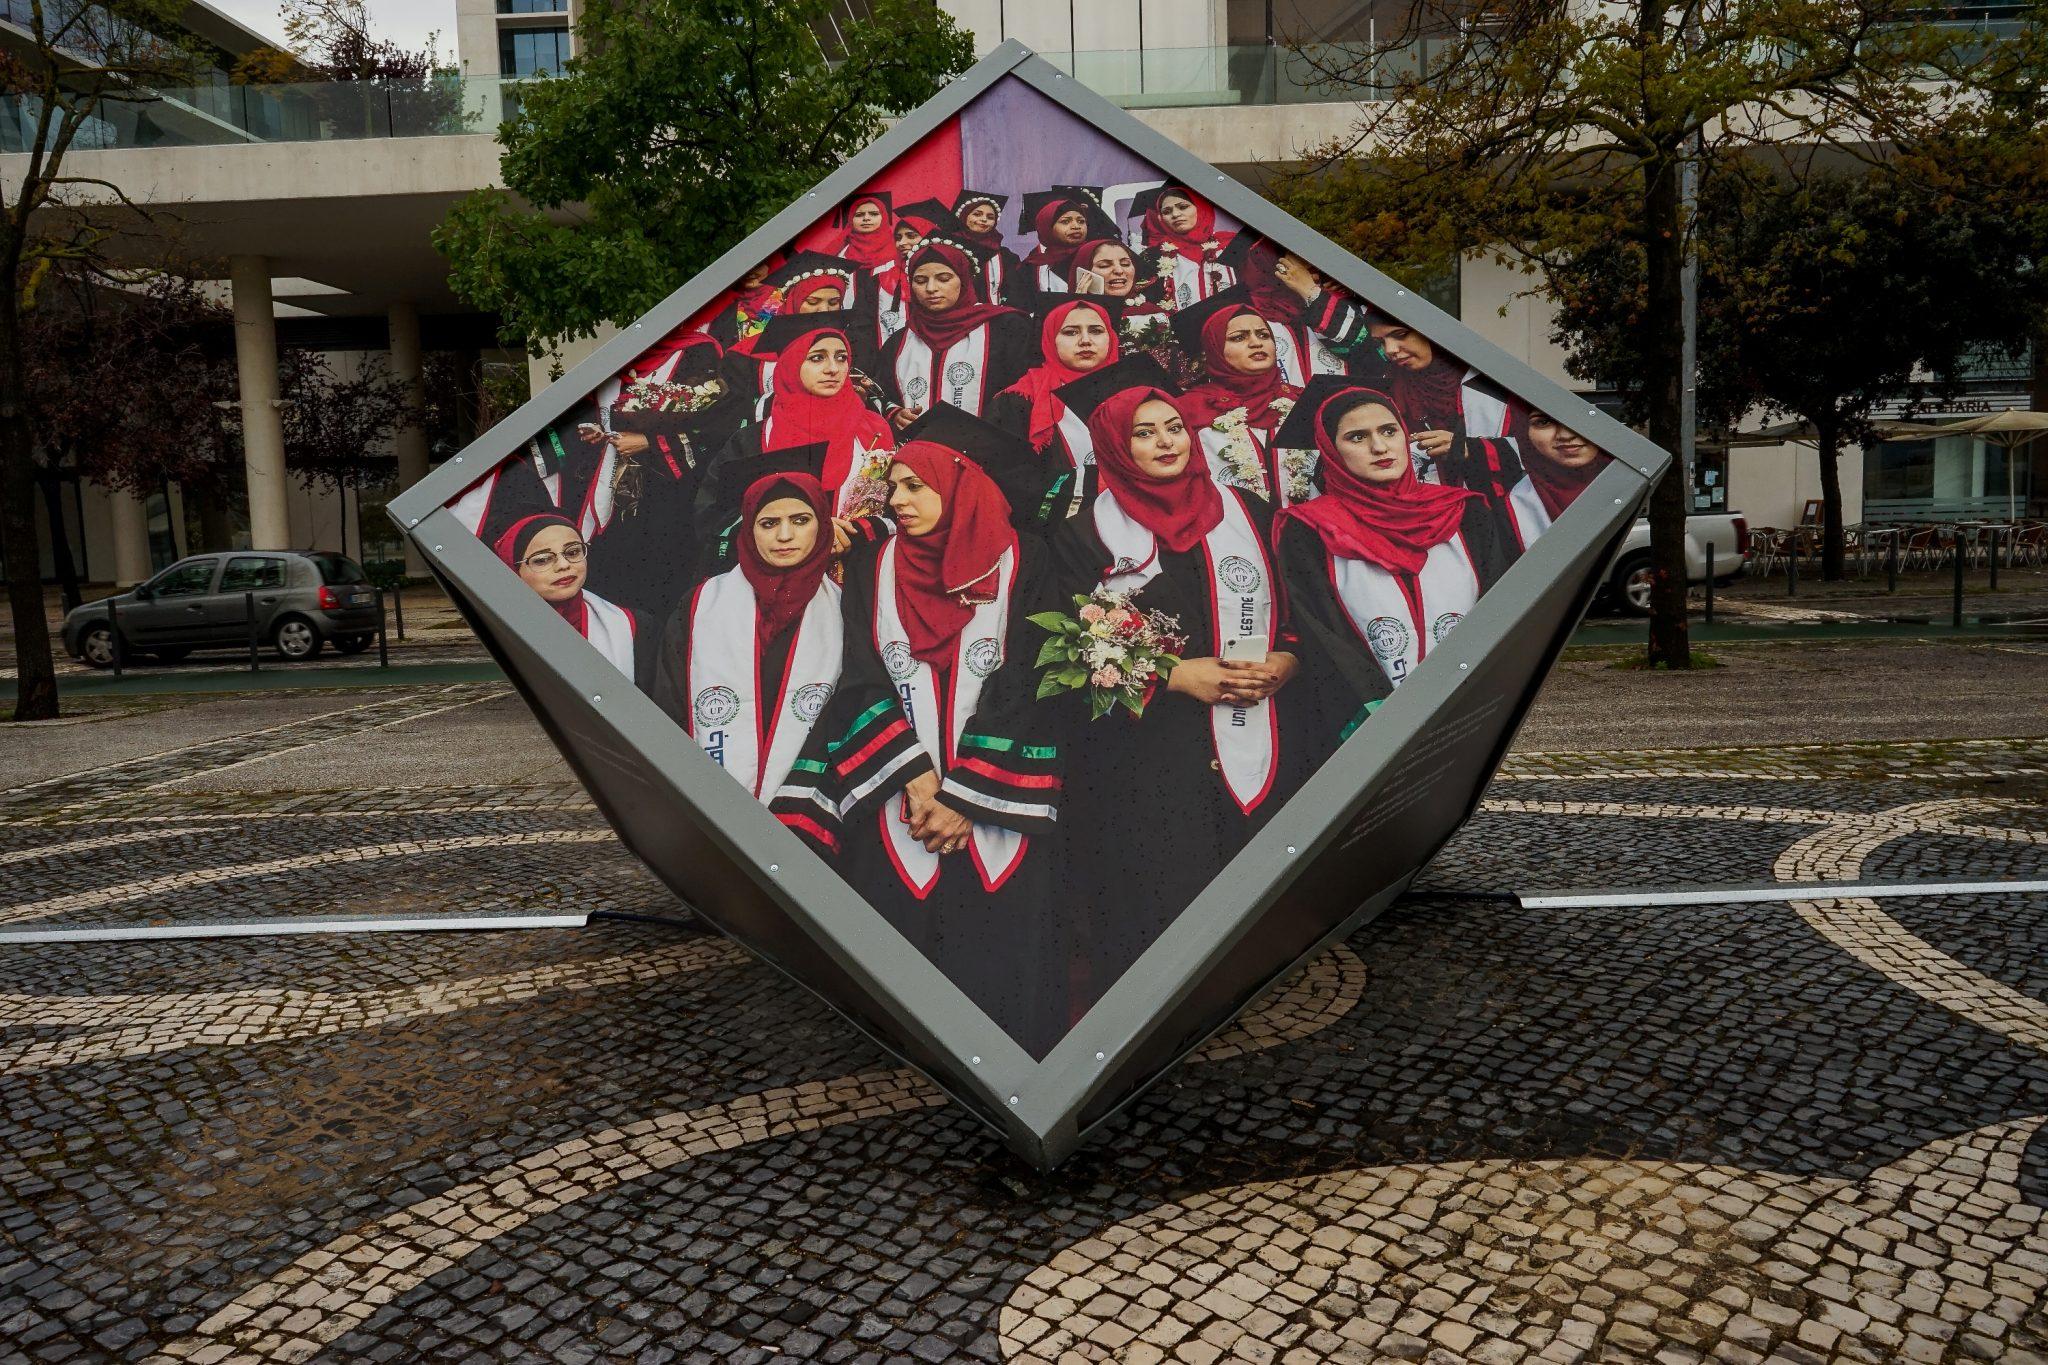 Cubo inclinado exibindo uma fotografia de um grupo de jovens palestinianas com véus vermelhos, de frente para o observador, que integra a exposição